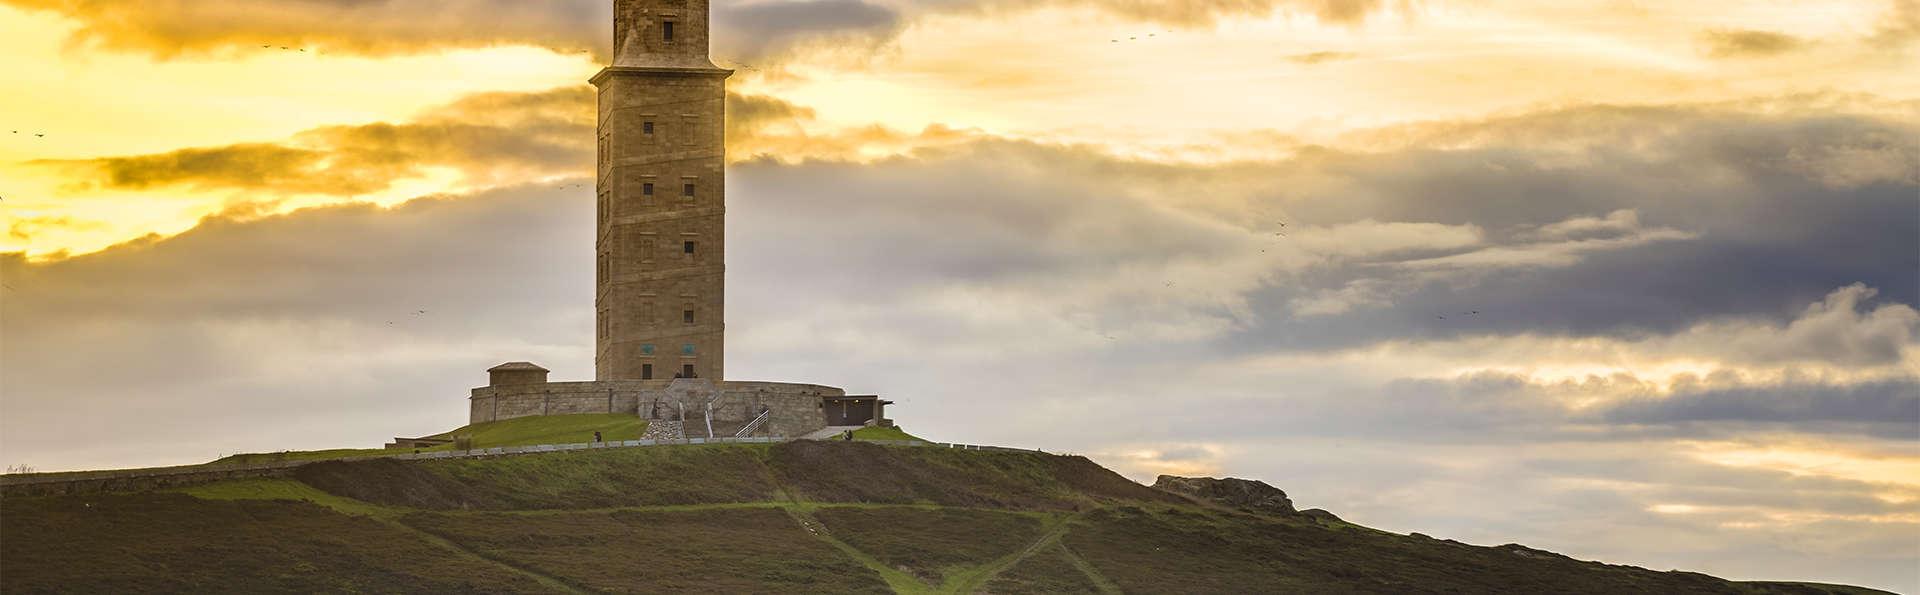 Hotel Attica 21 Coruña - EDIT_Destination_La_Coruna1.jpg